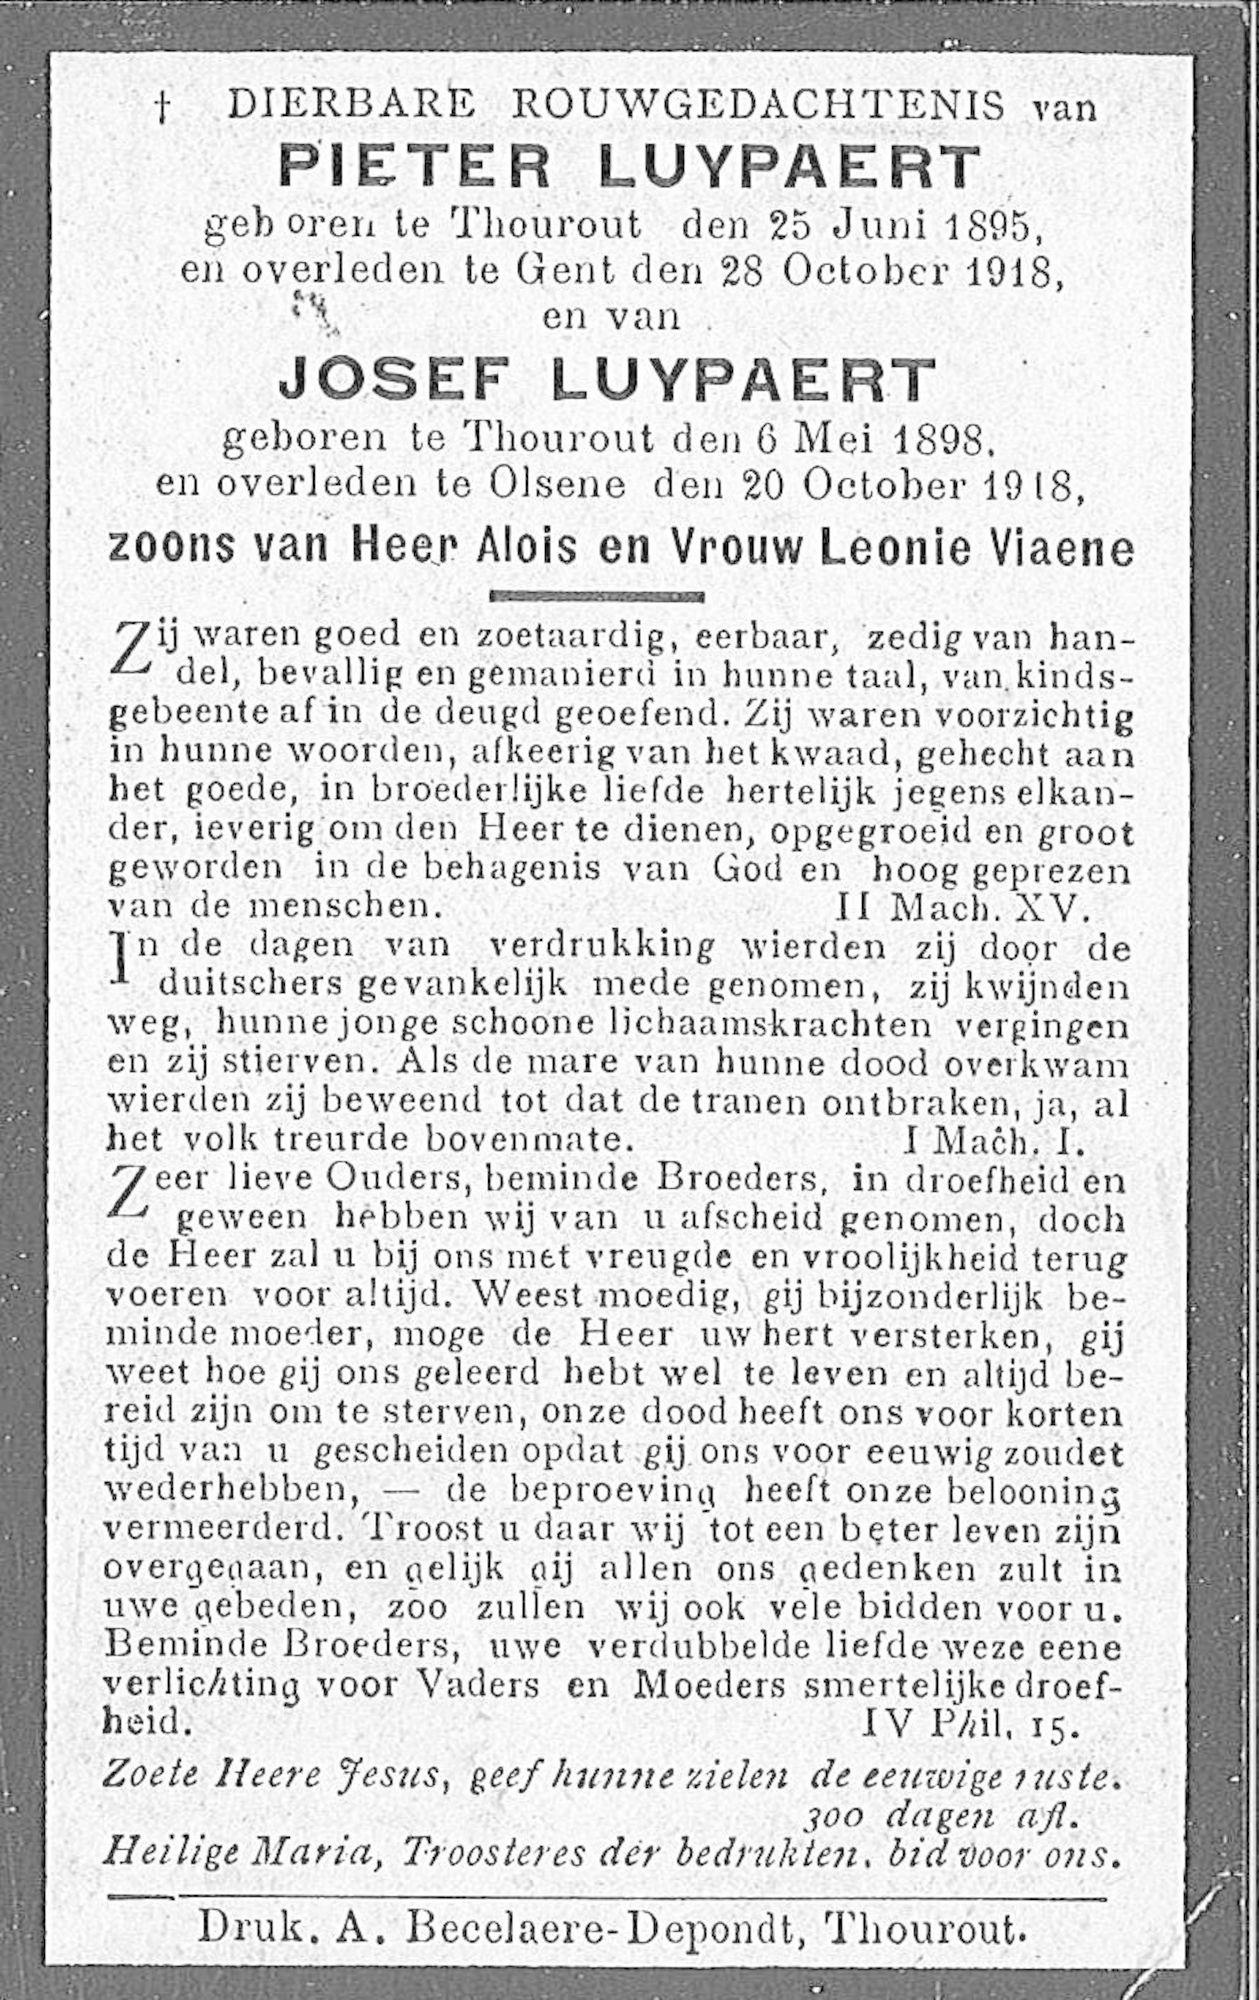 Pieter Luypaert